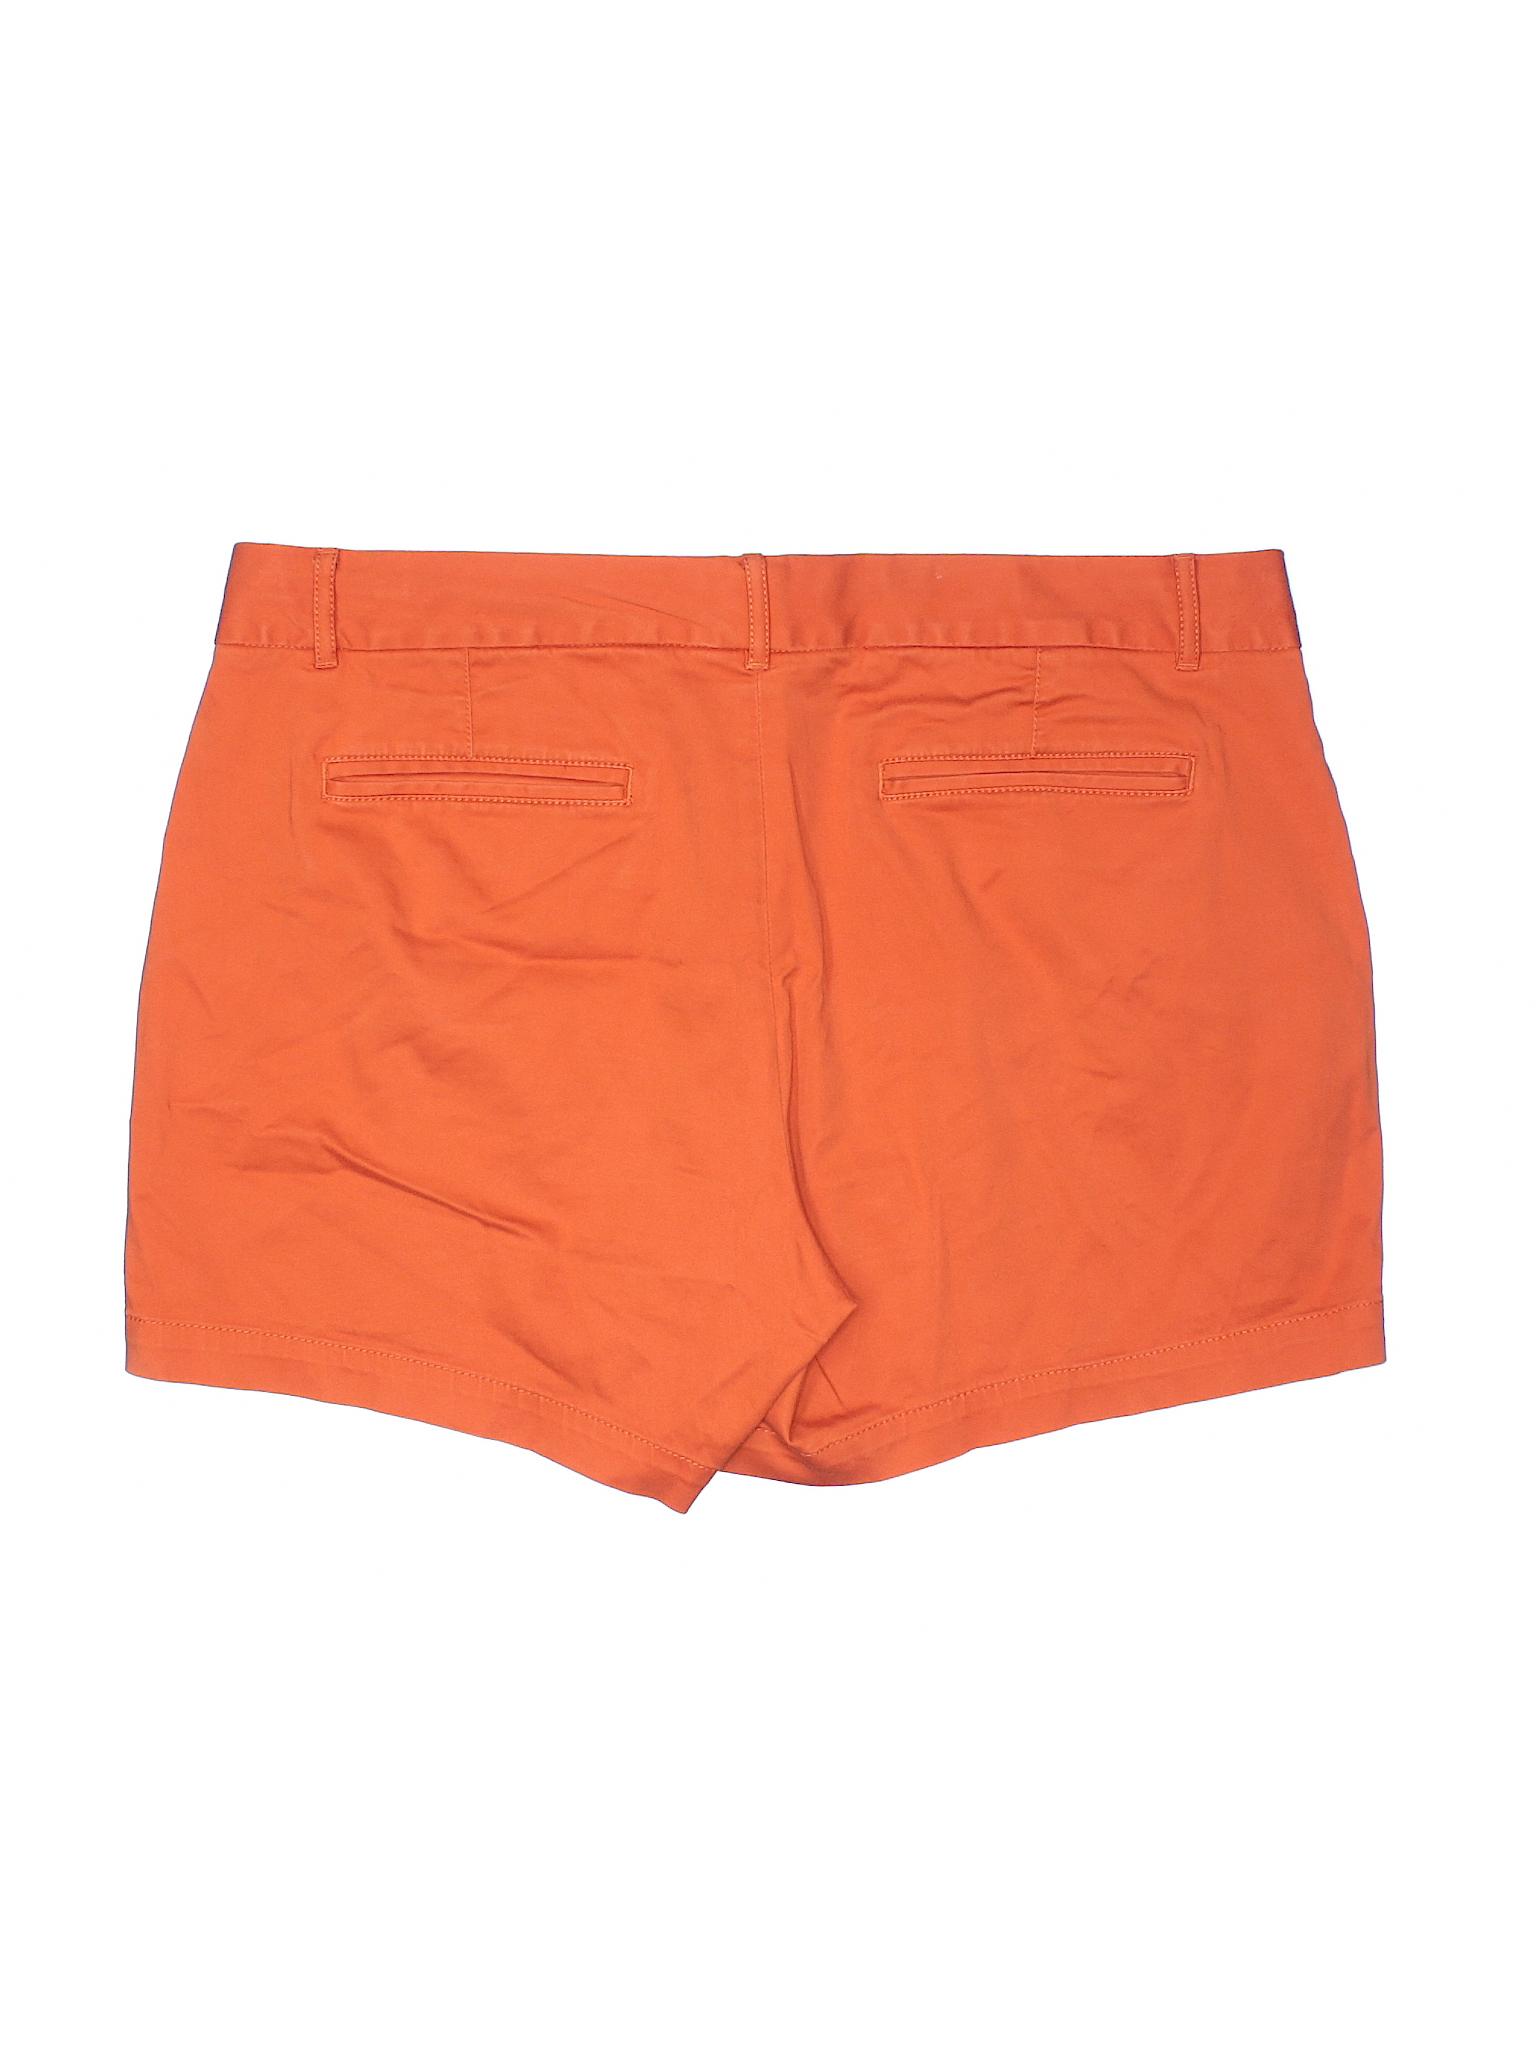 Khaki Boutique Shorts leisure Republic Banana WSwOwAaq